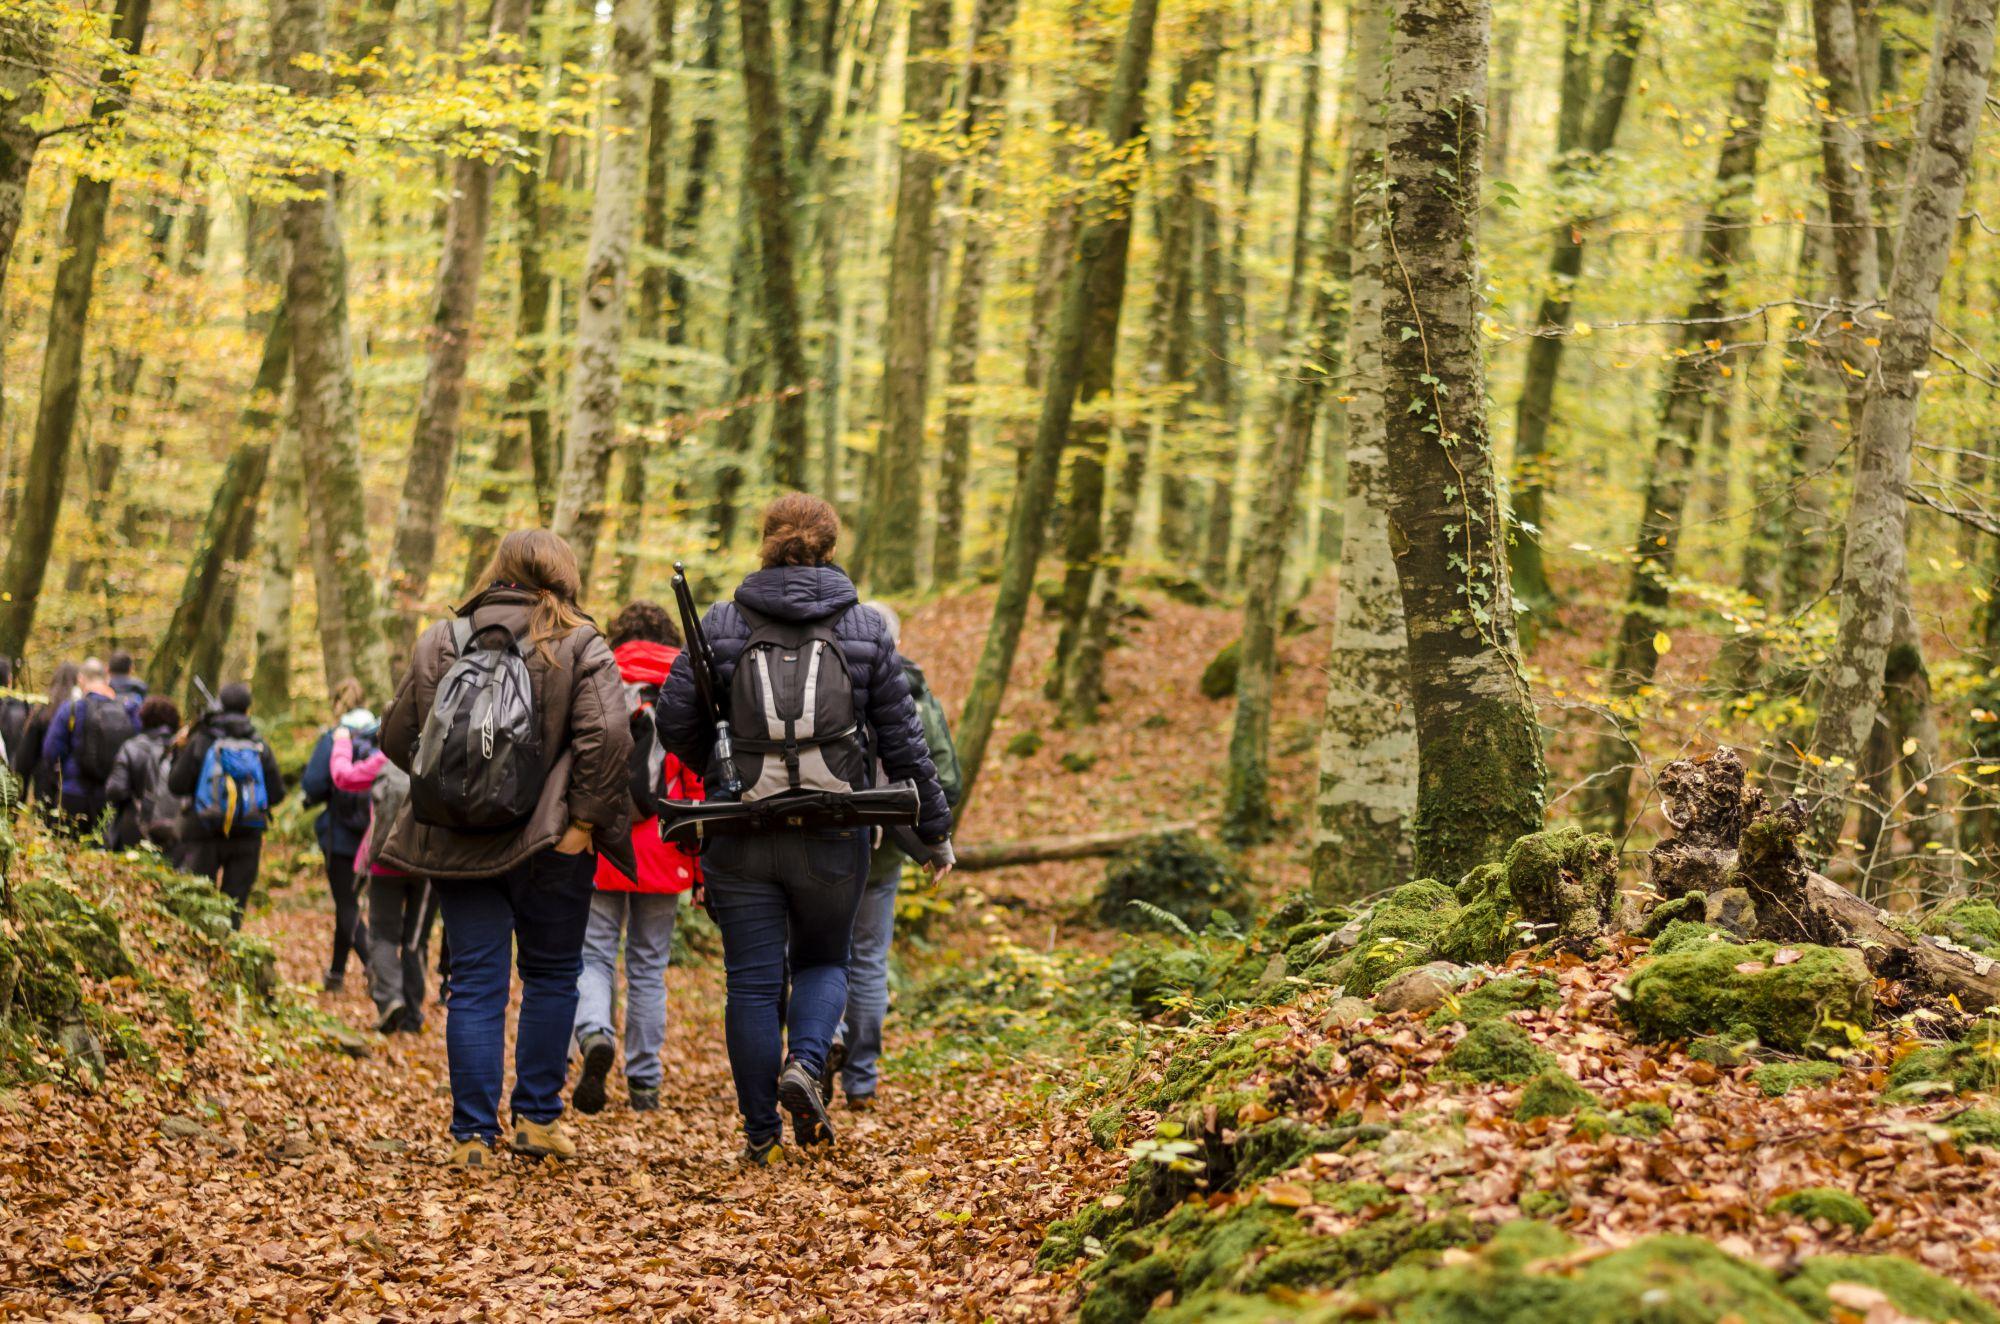 En el parque natural existen hasta 28 itinerarios a pie. Foto: Shutterstock.